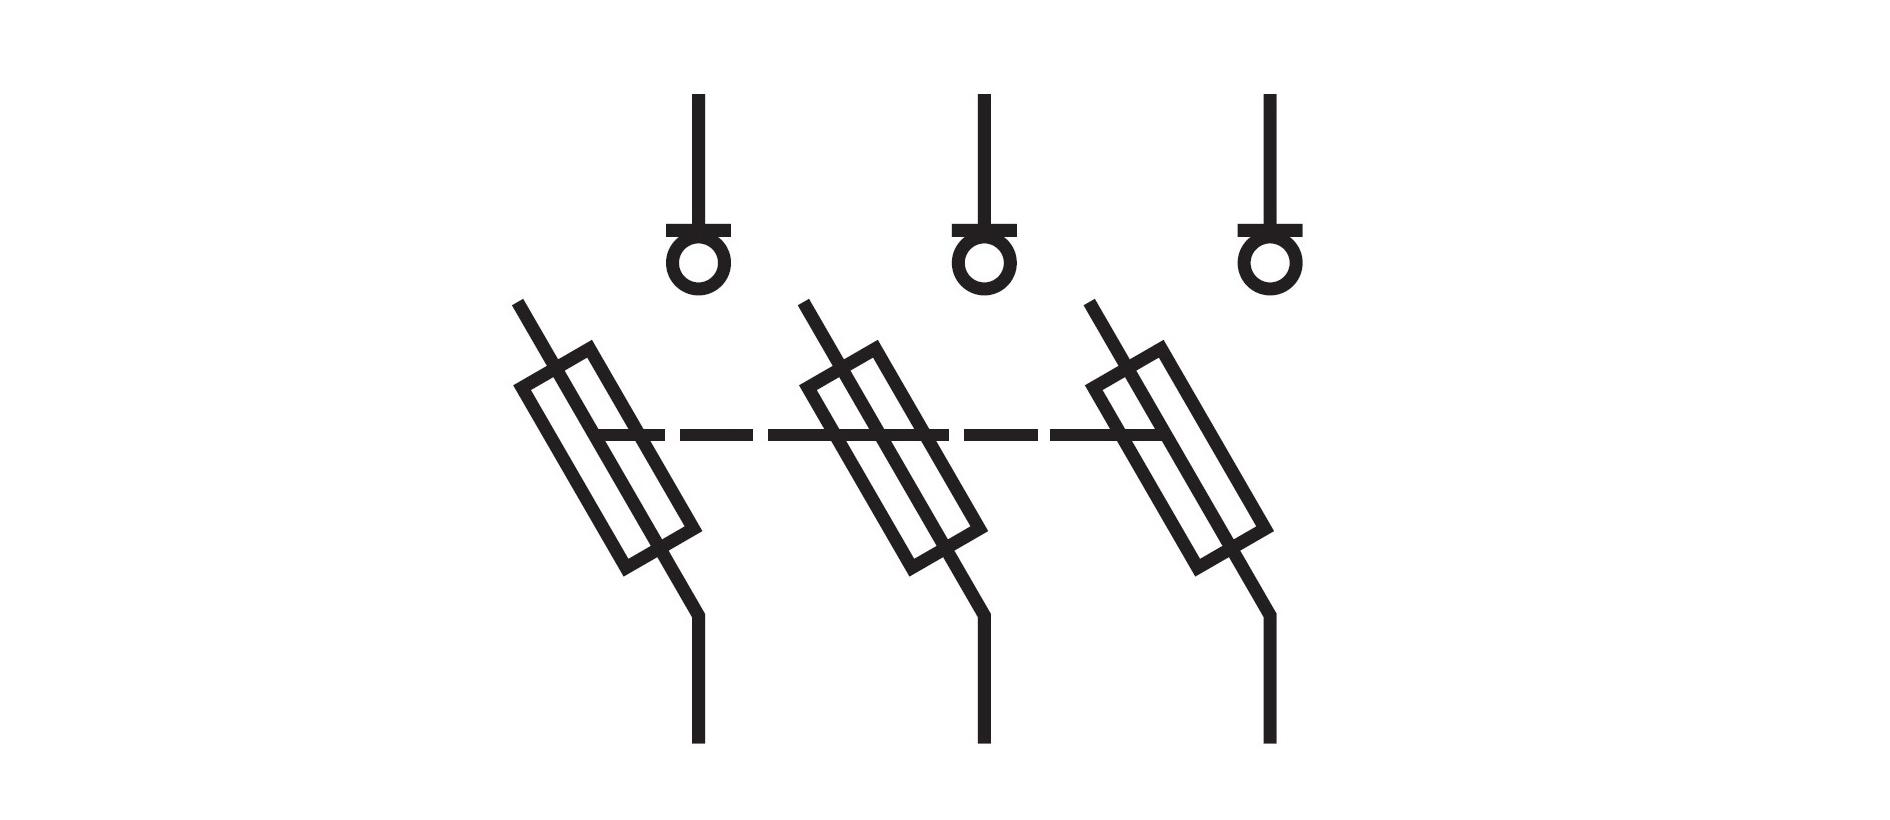 Ausgezeichnet Lasttrennschalter Symbol Bilder - Schaltplan Serie ...